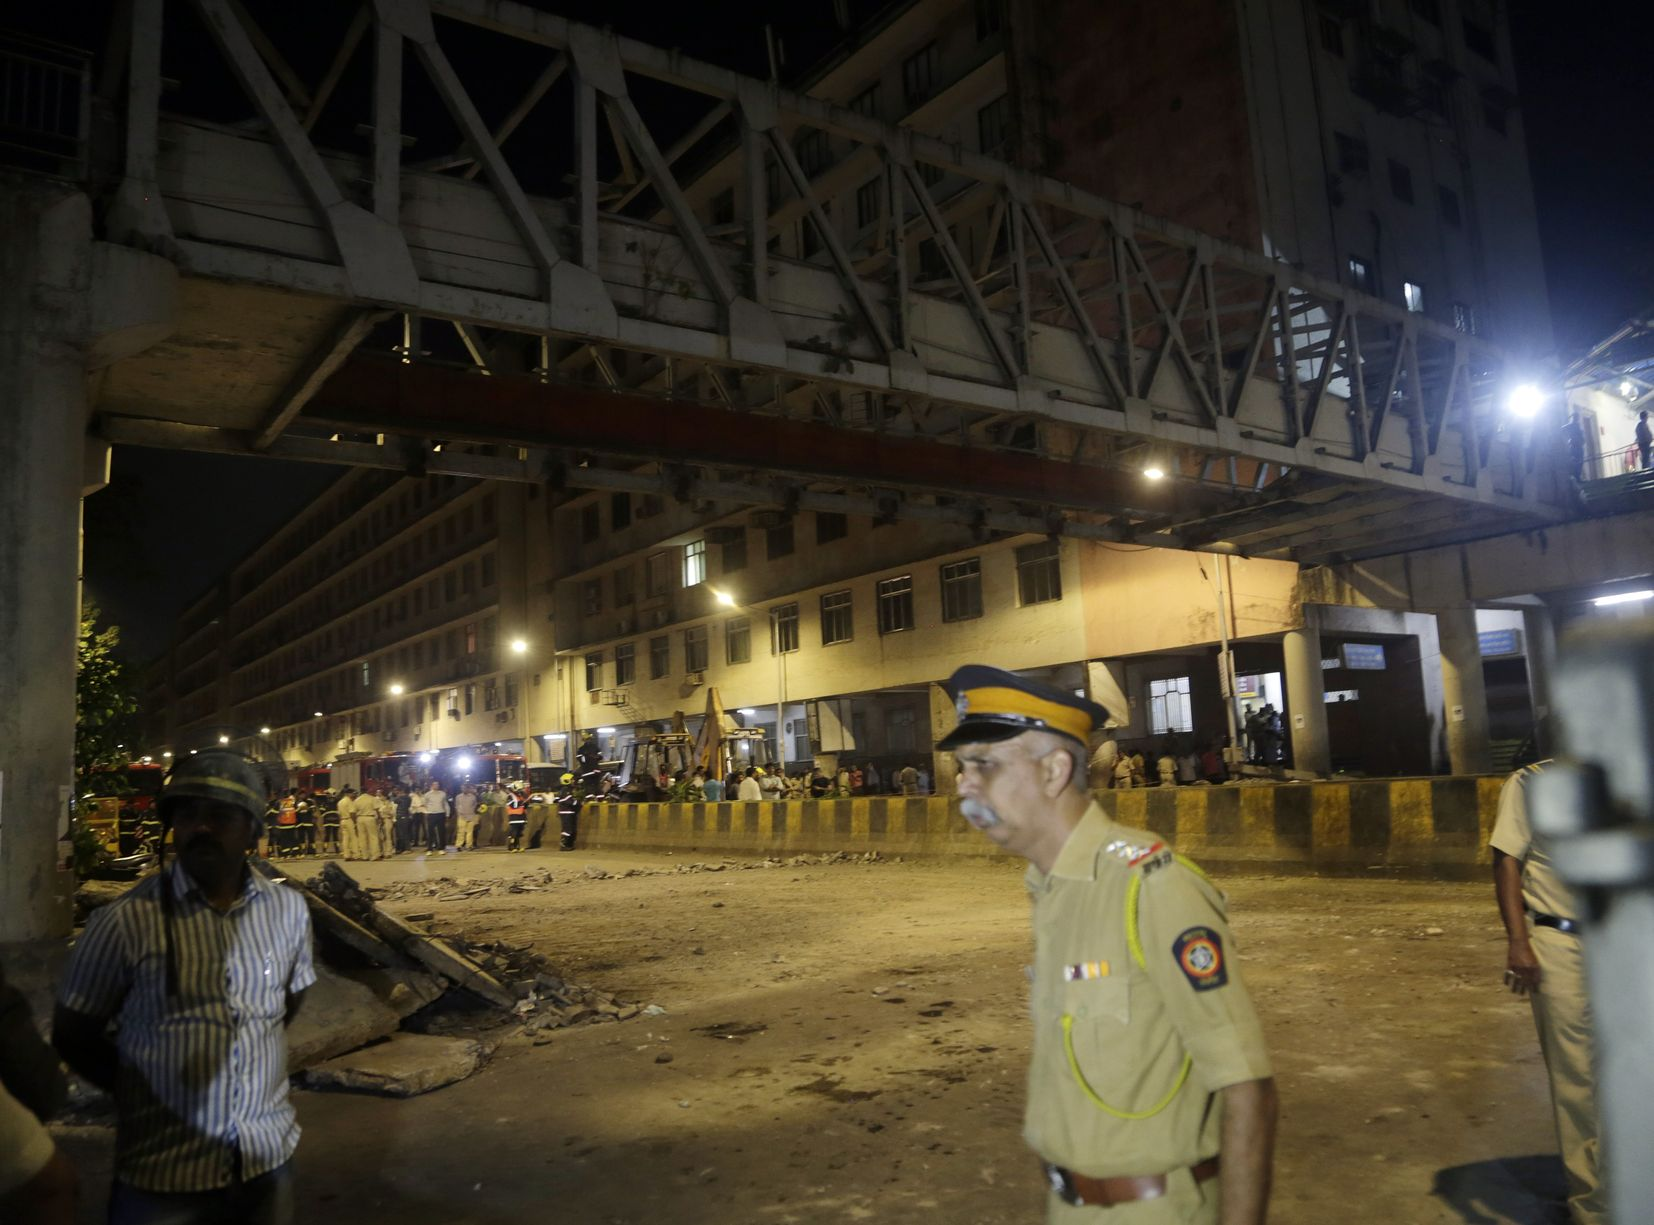 孟買中央火車附近一條行人天橋昨晚突然倒塌,造成最少6人死亡。AP